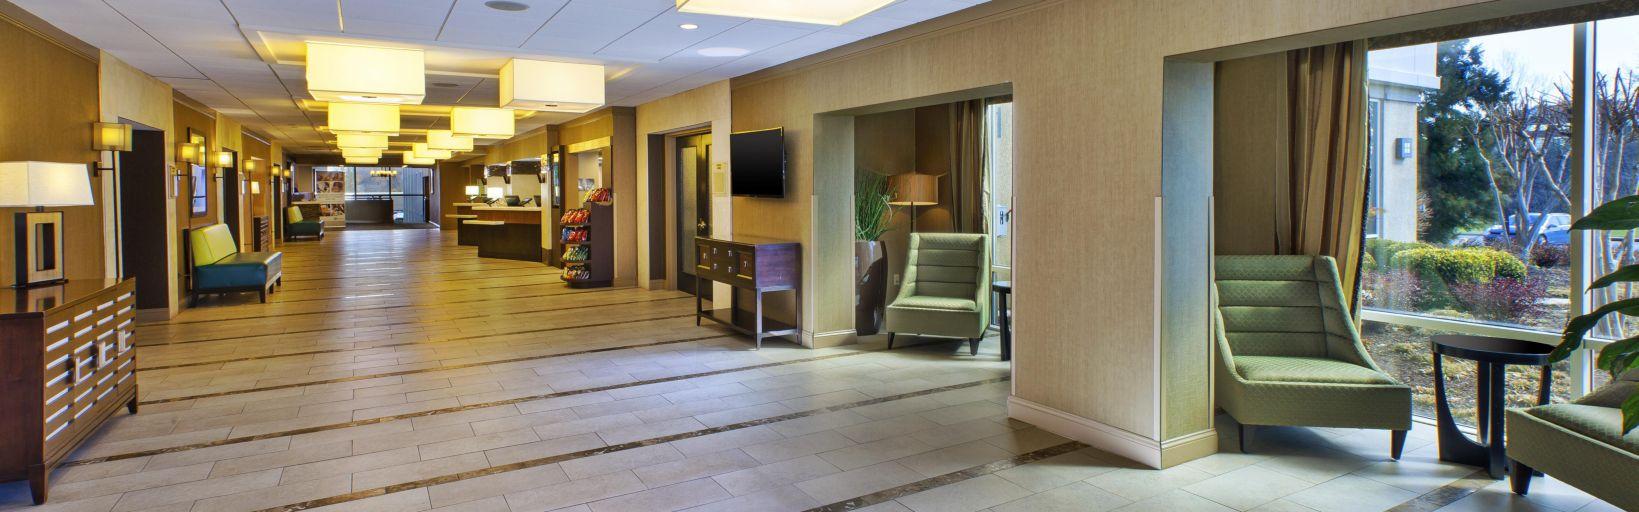 Hotel Exterior Lobby